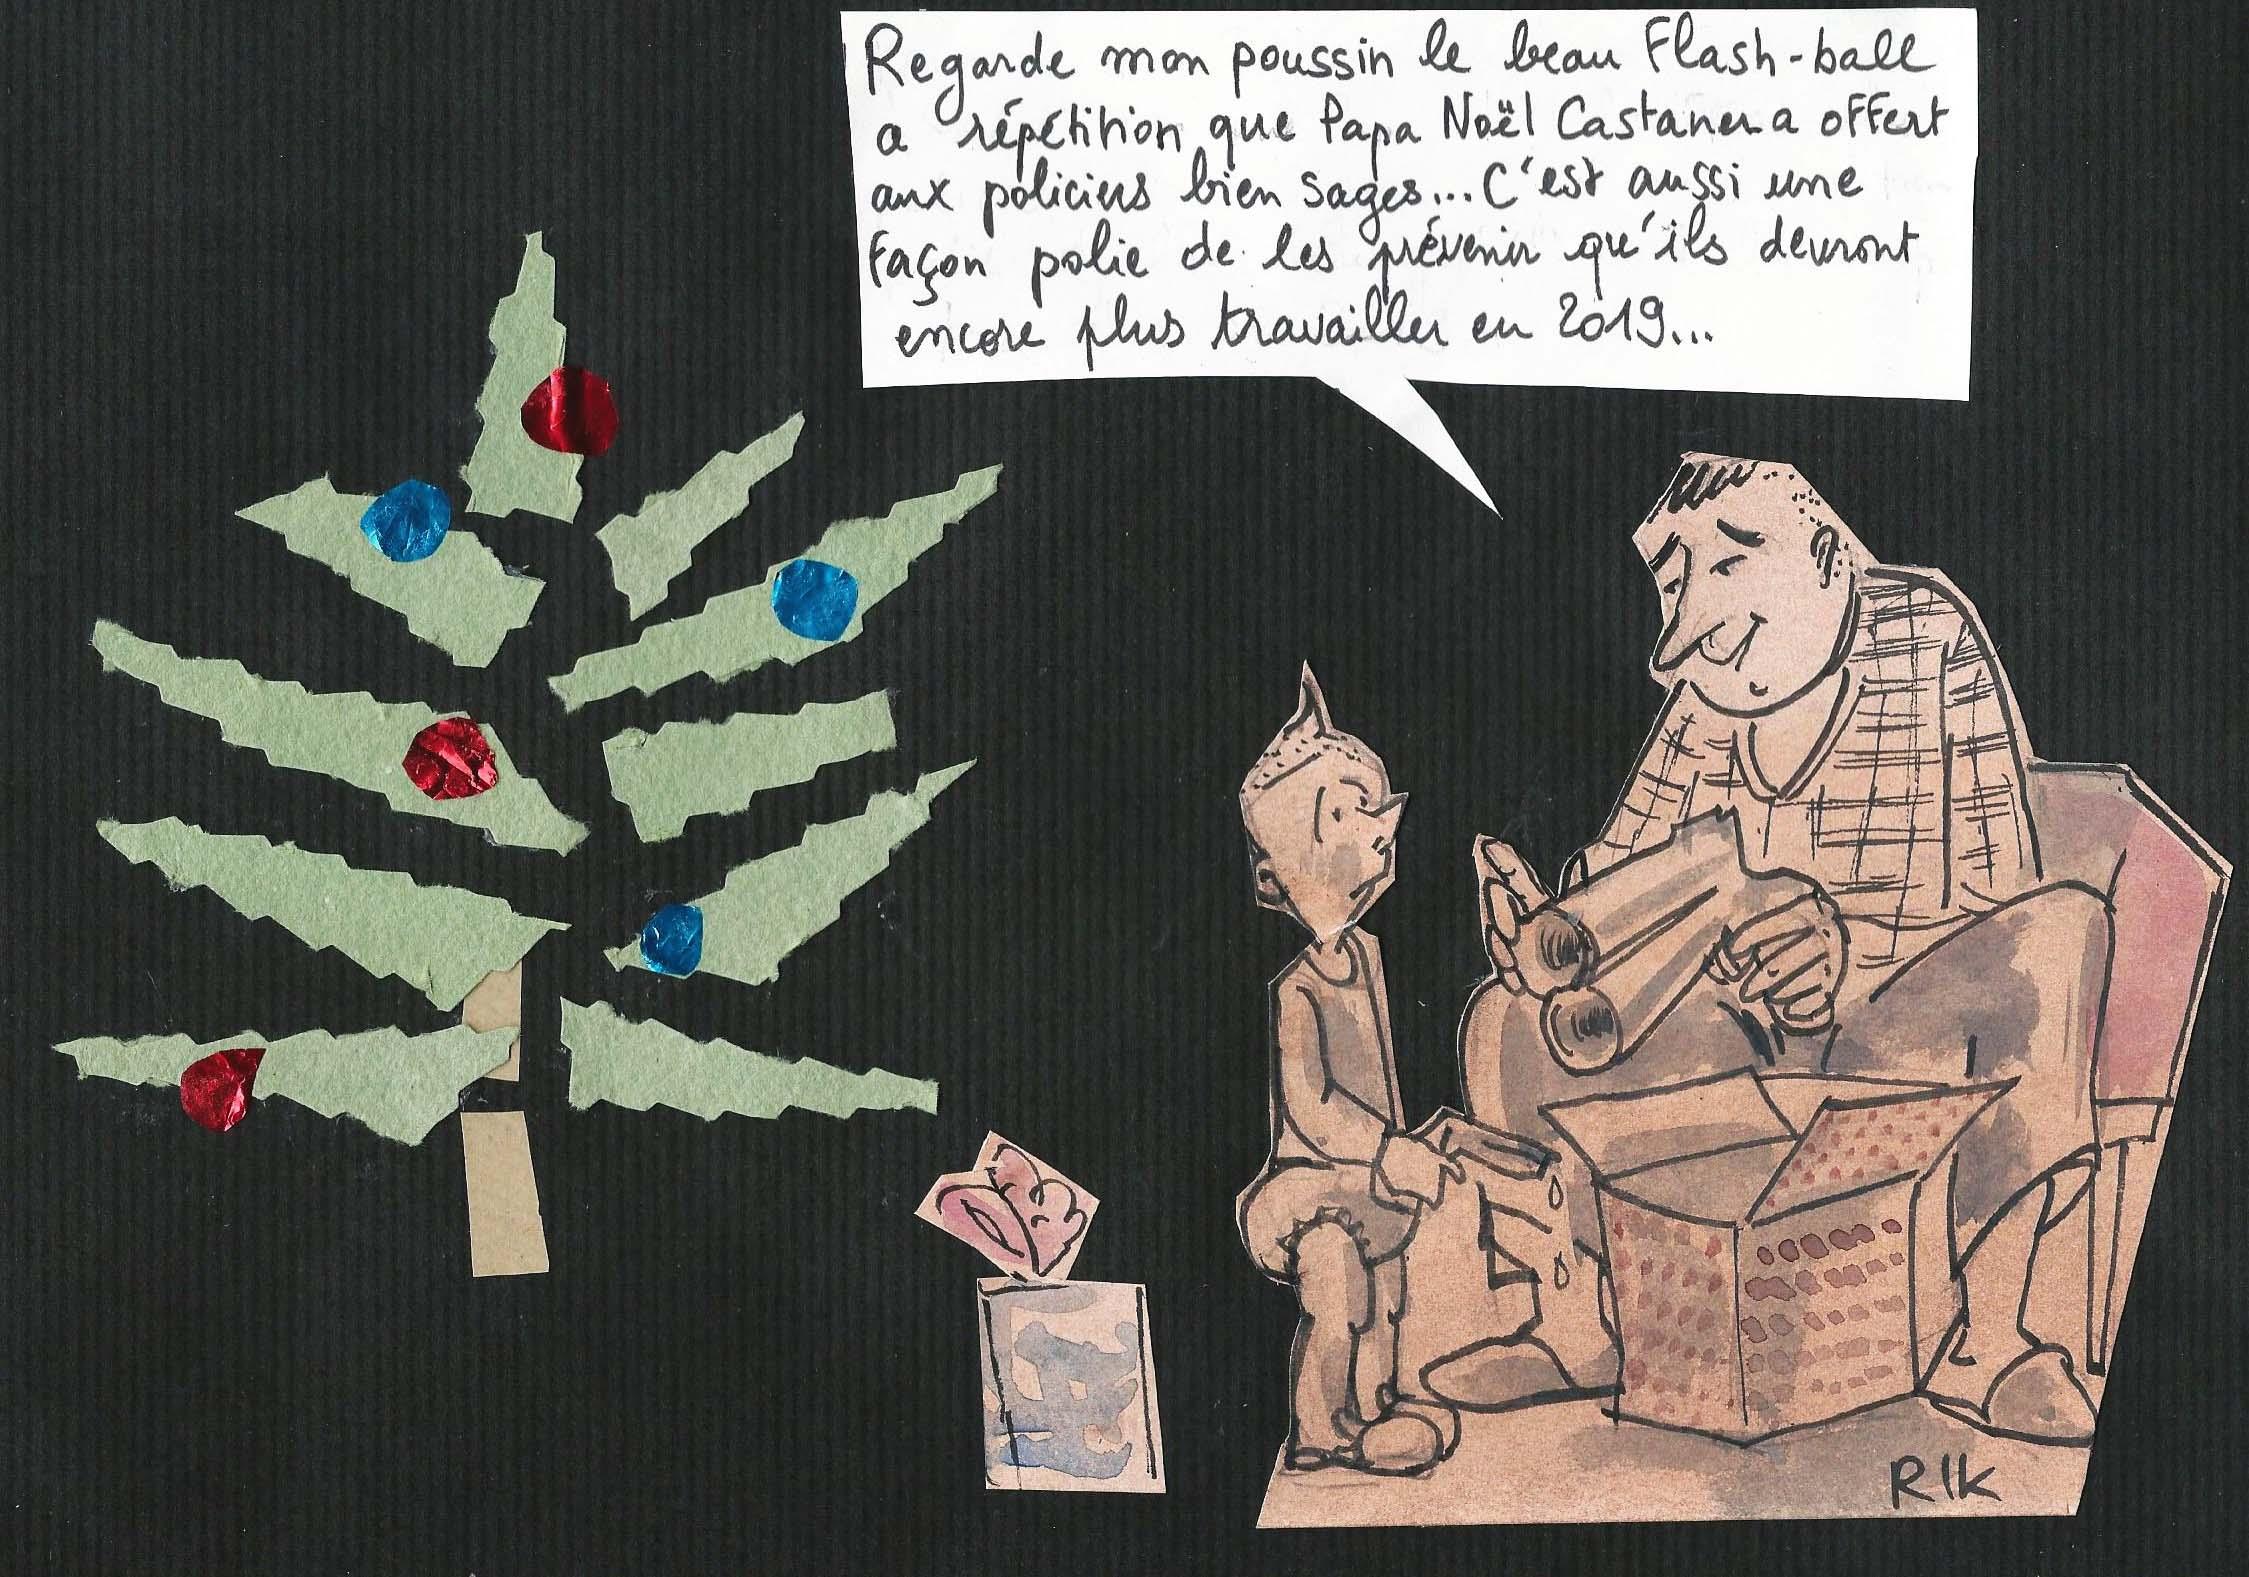 Papa Noël Castaner